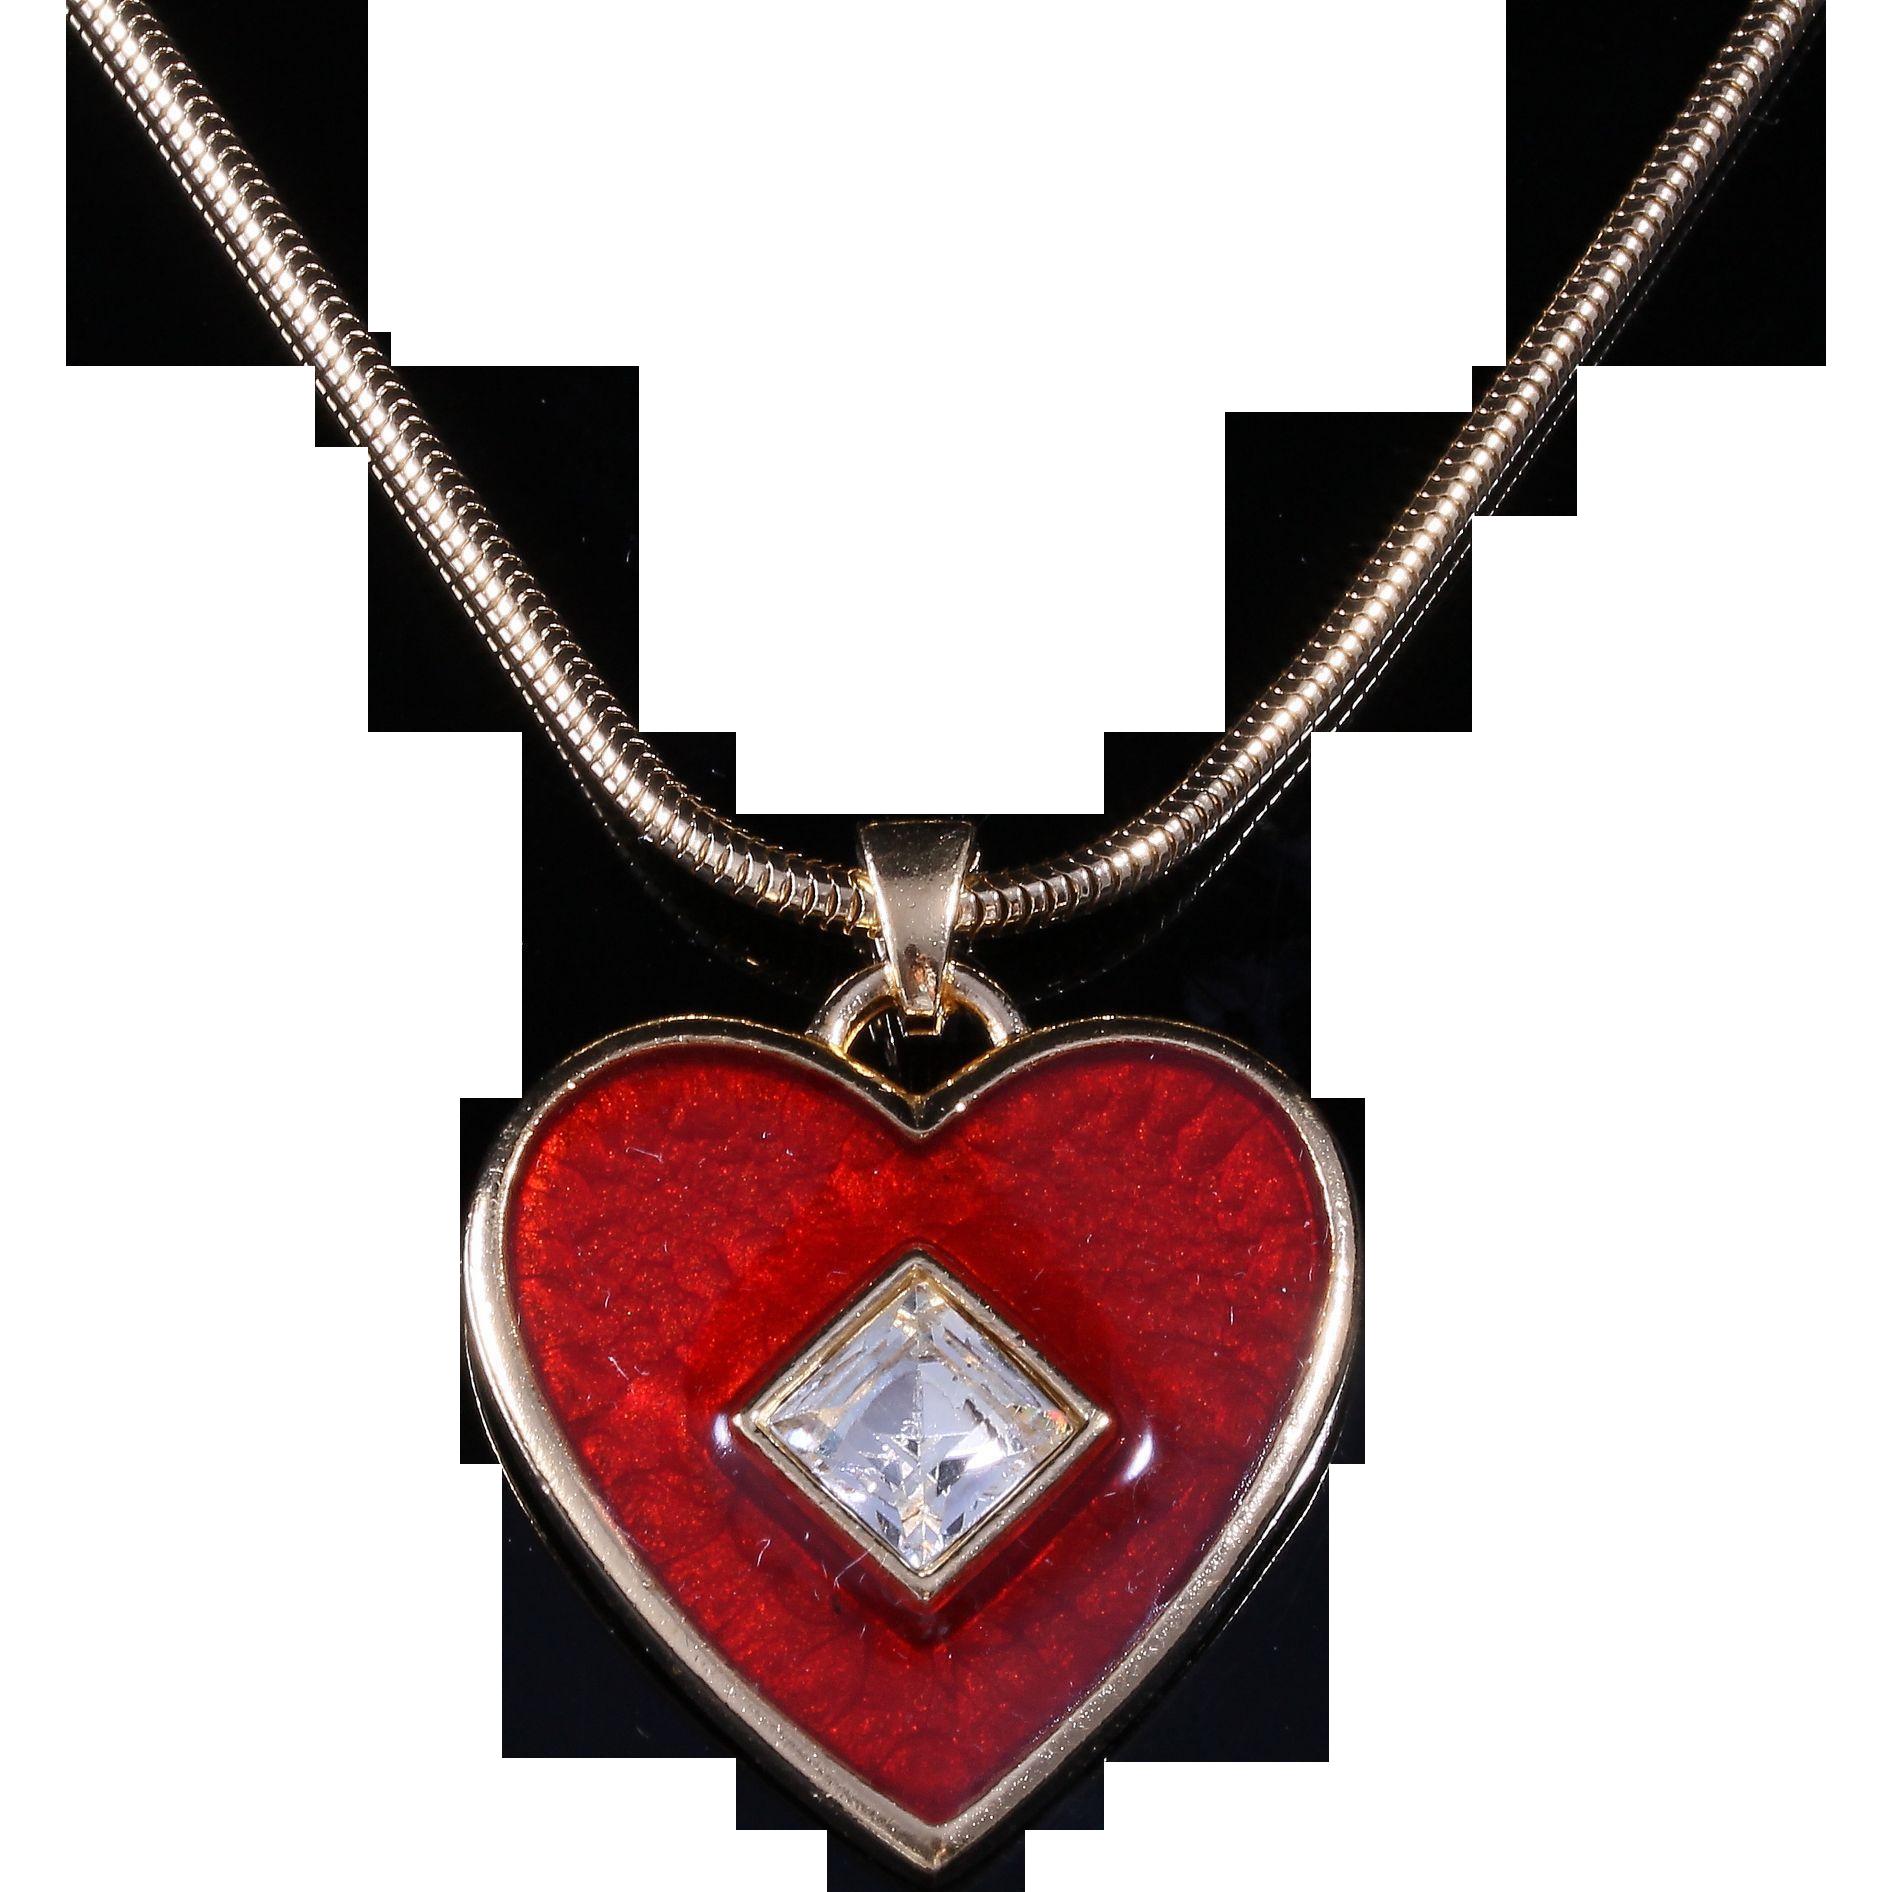 Vintage yves saint laurent large heart pendant necklace sale items